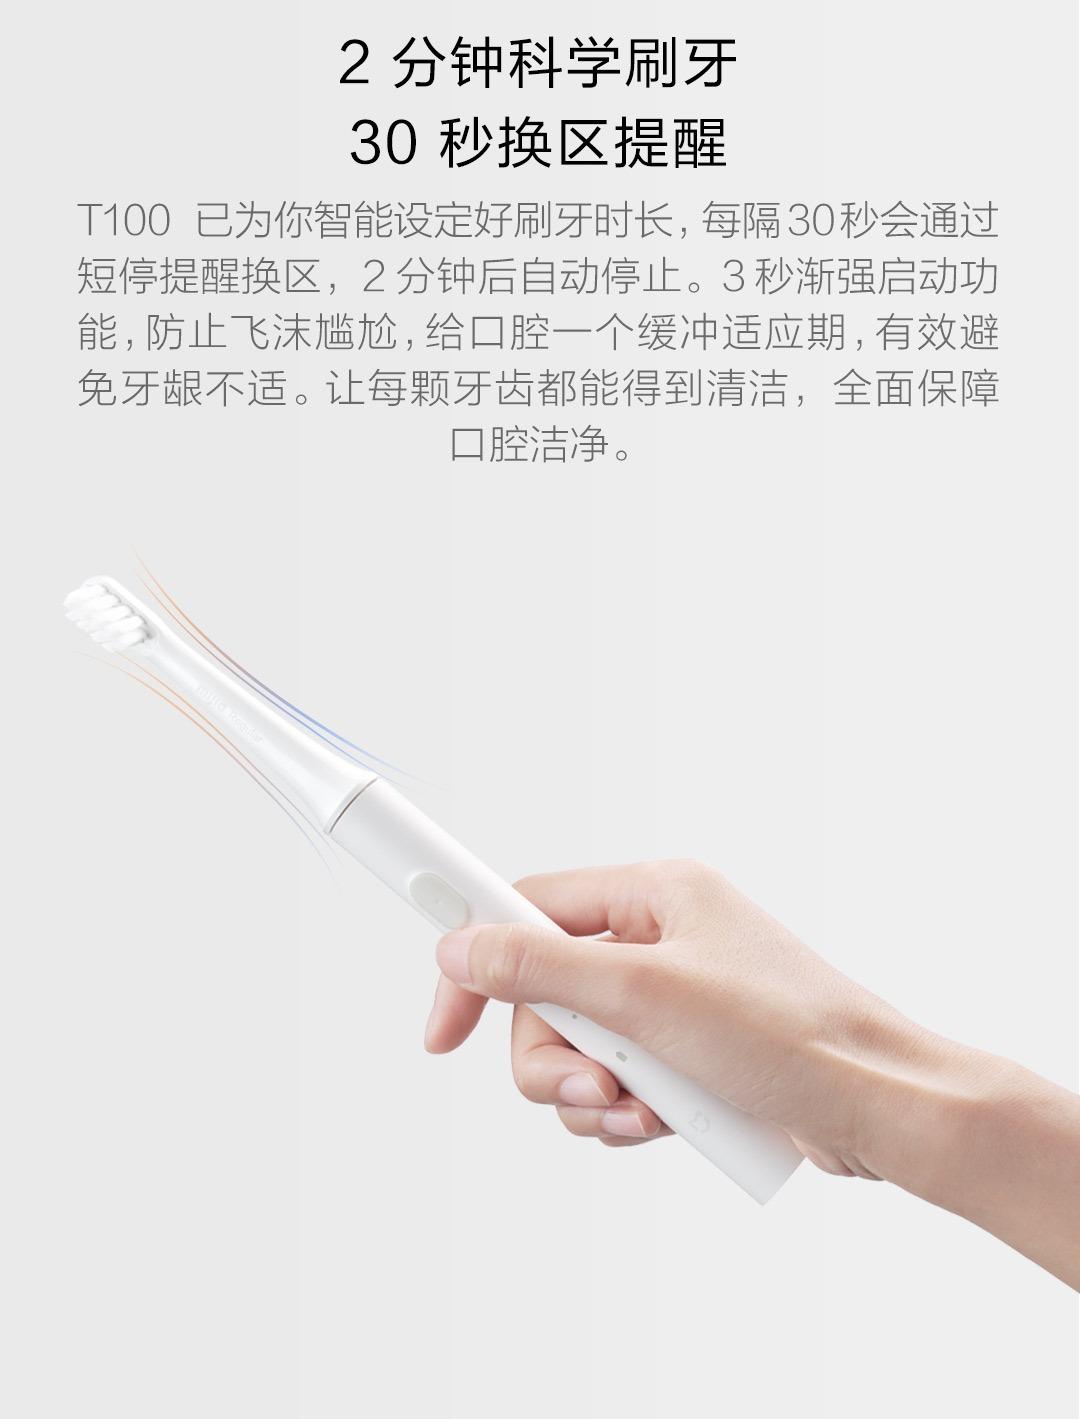 小米米家声波电动牙刷T100